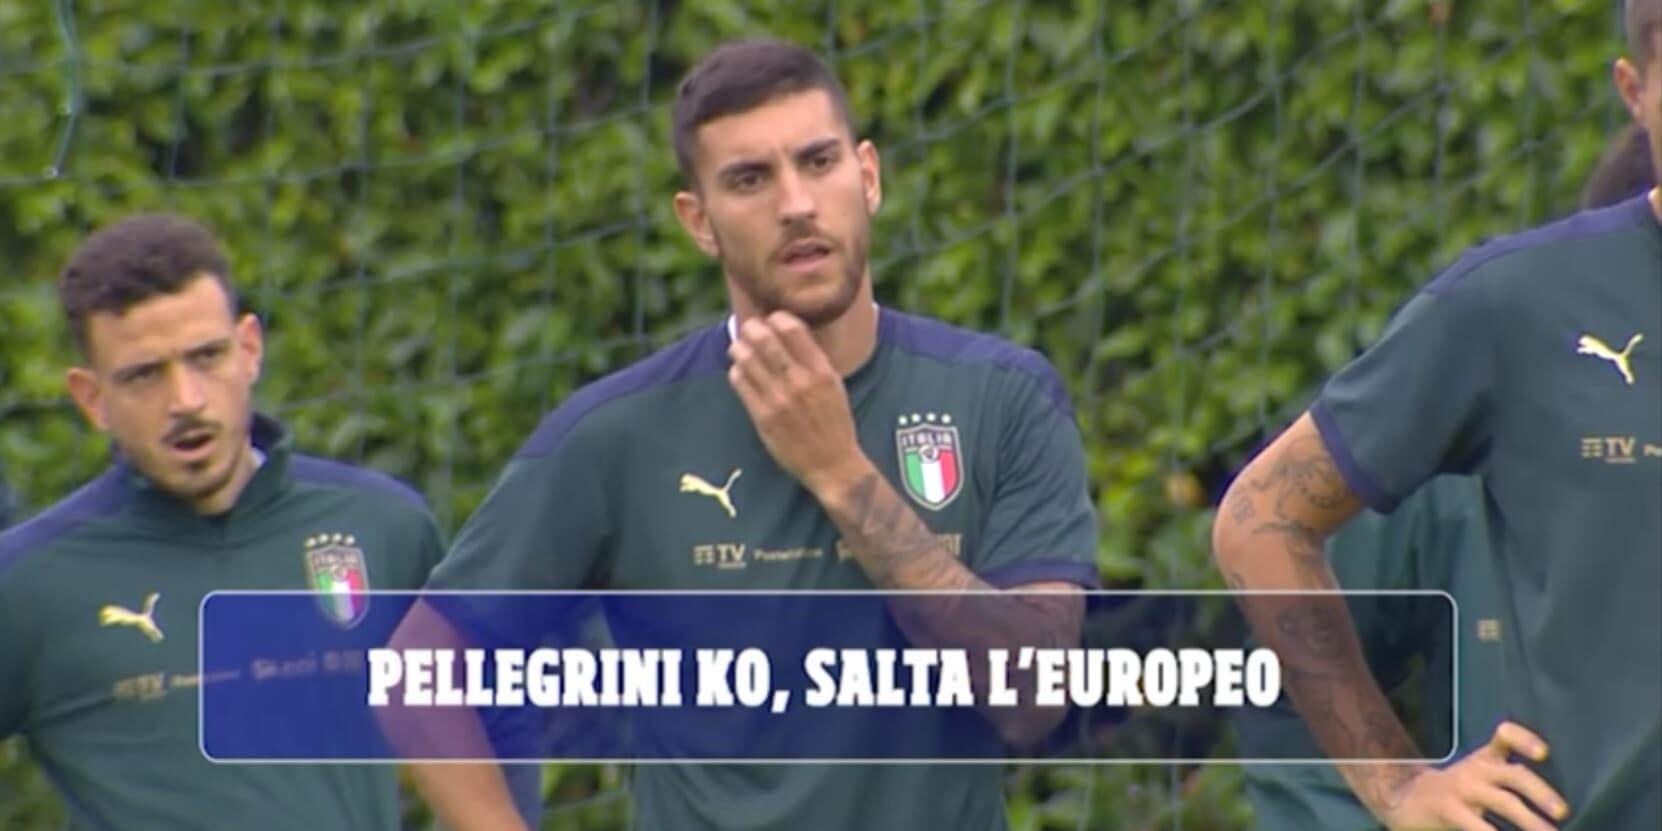 Euro 2020, Pellegrini lascia il ritiro: addio Europeo